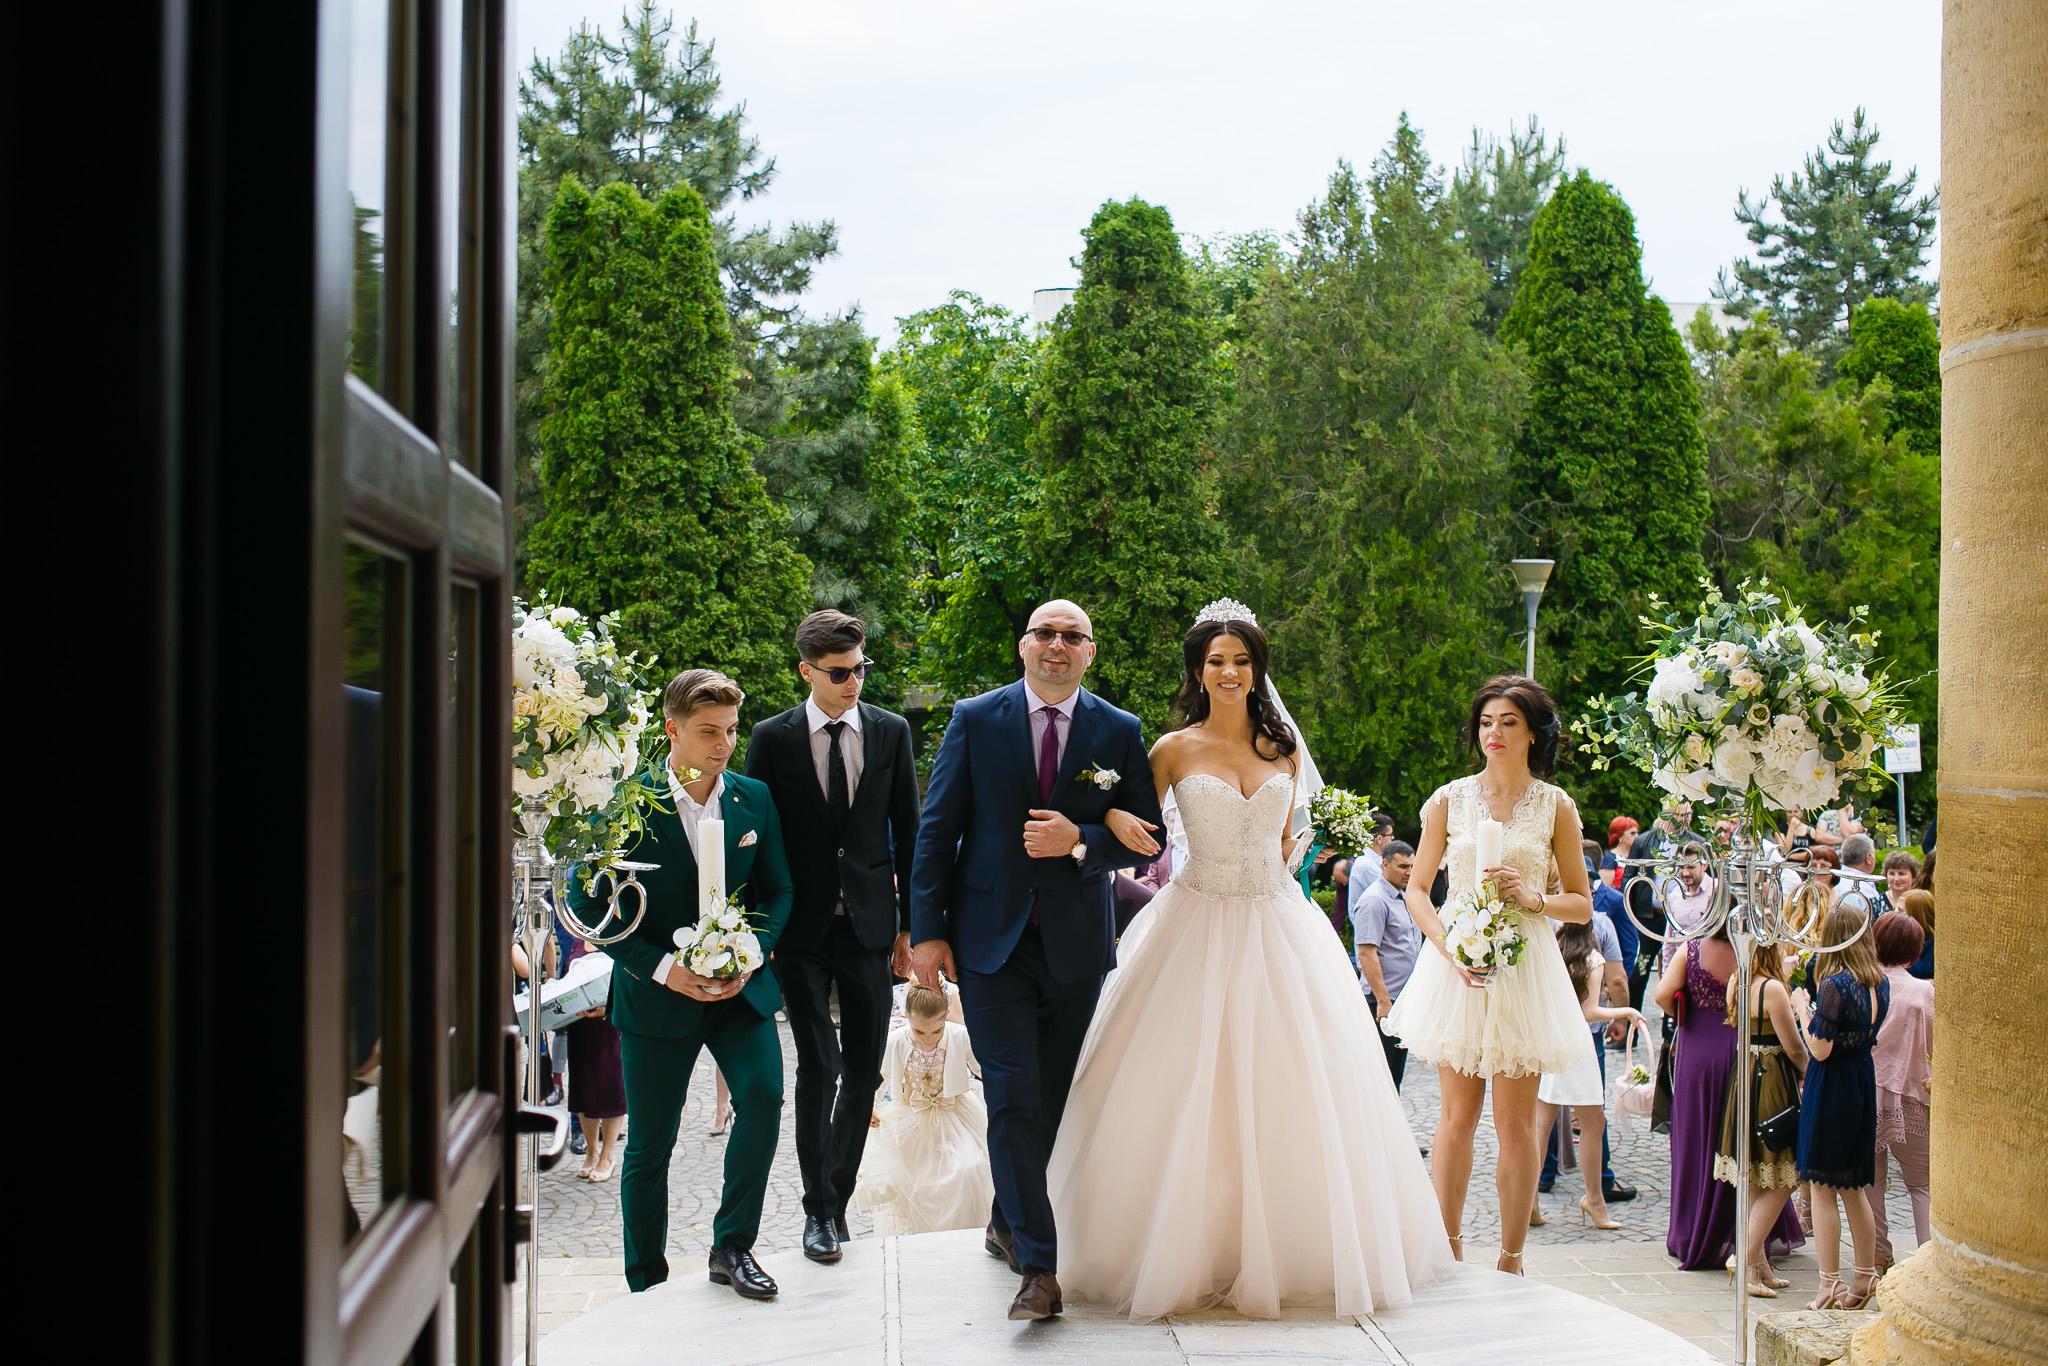 Larisa si Bogdan Nuntă la Pleiada fotograf profesionist nunta Iasi www.paulpadurariu.ro © 2018 Paul Padurariu cununia religioasa 2